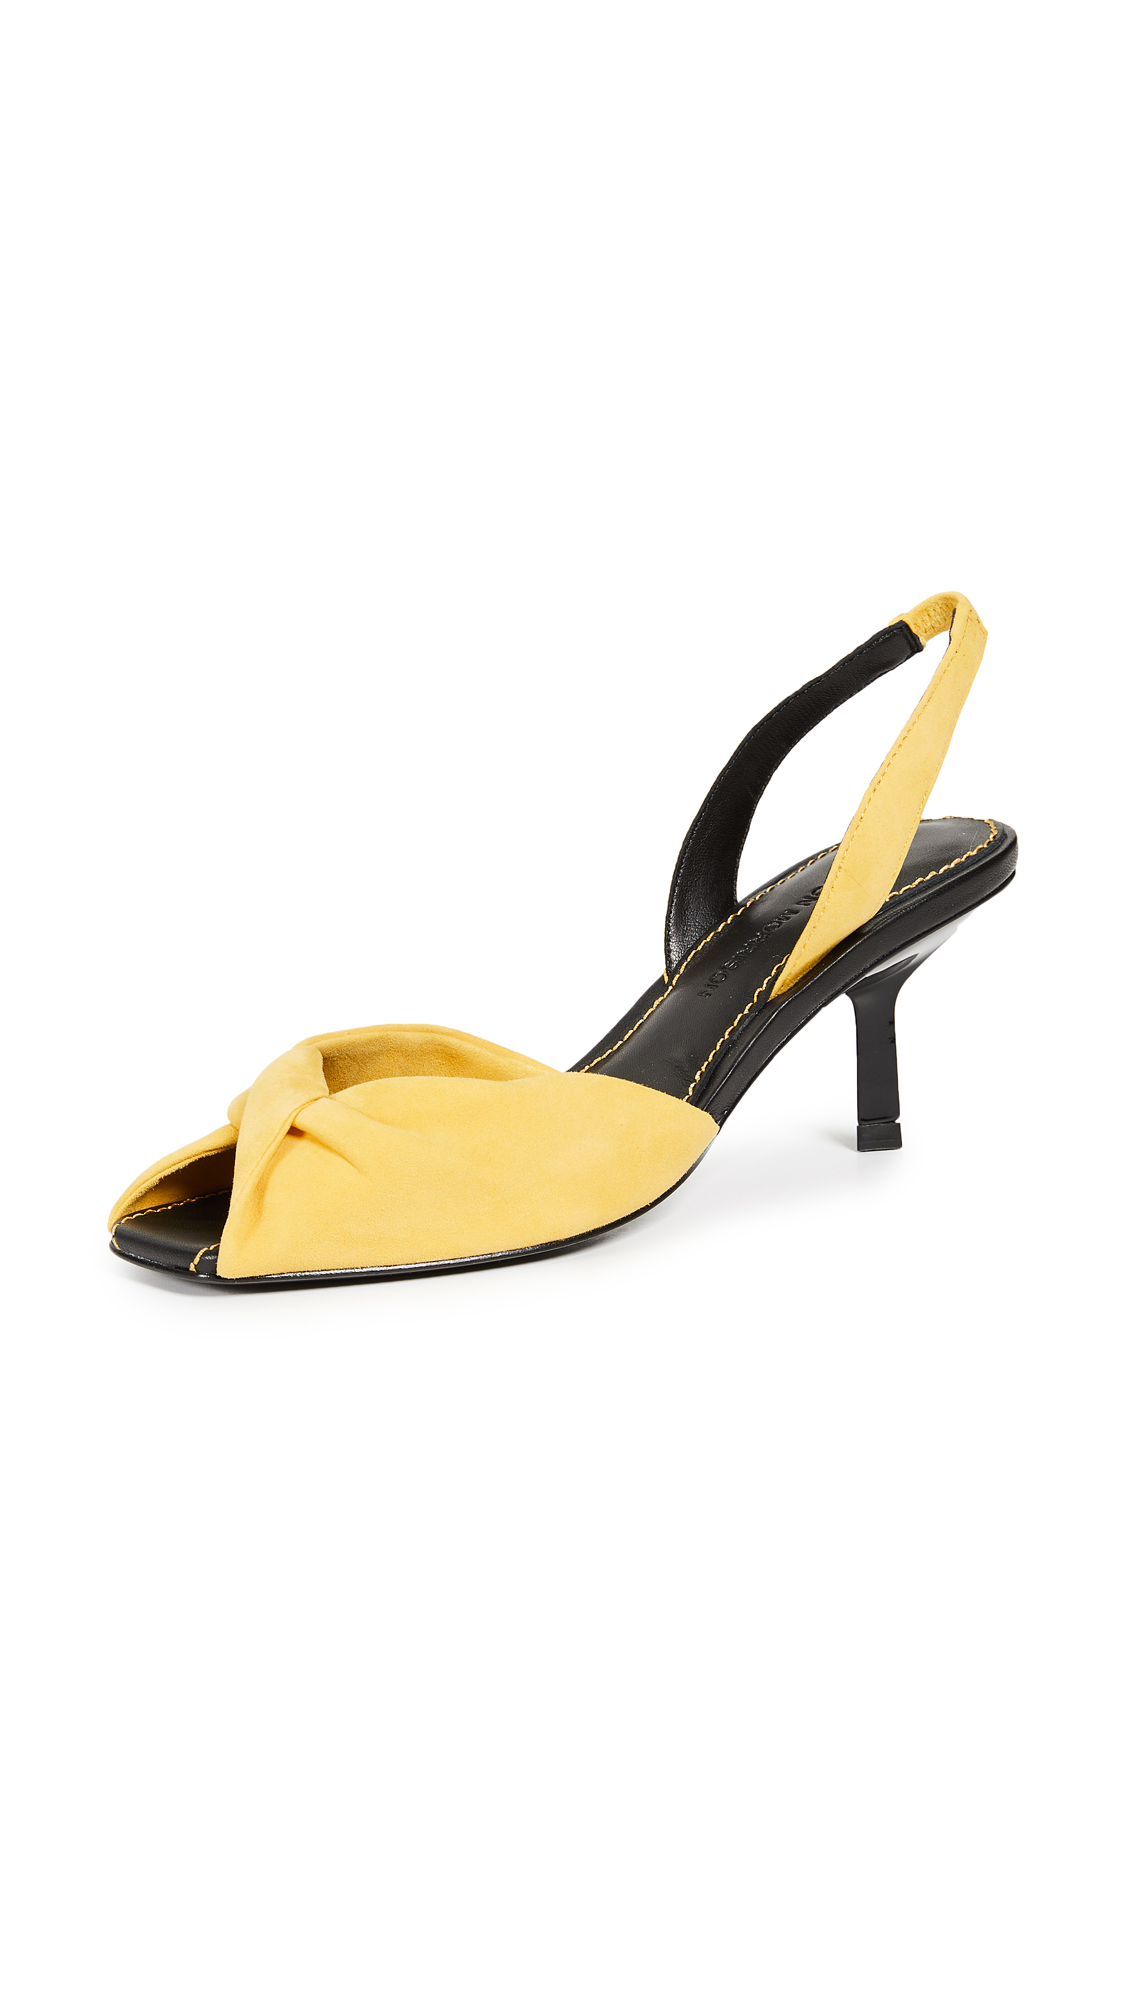 Sigerson Morrison Jana Slingback Kitten Heels - Yellow